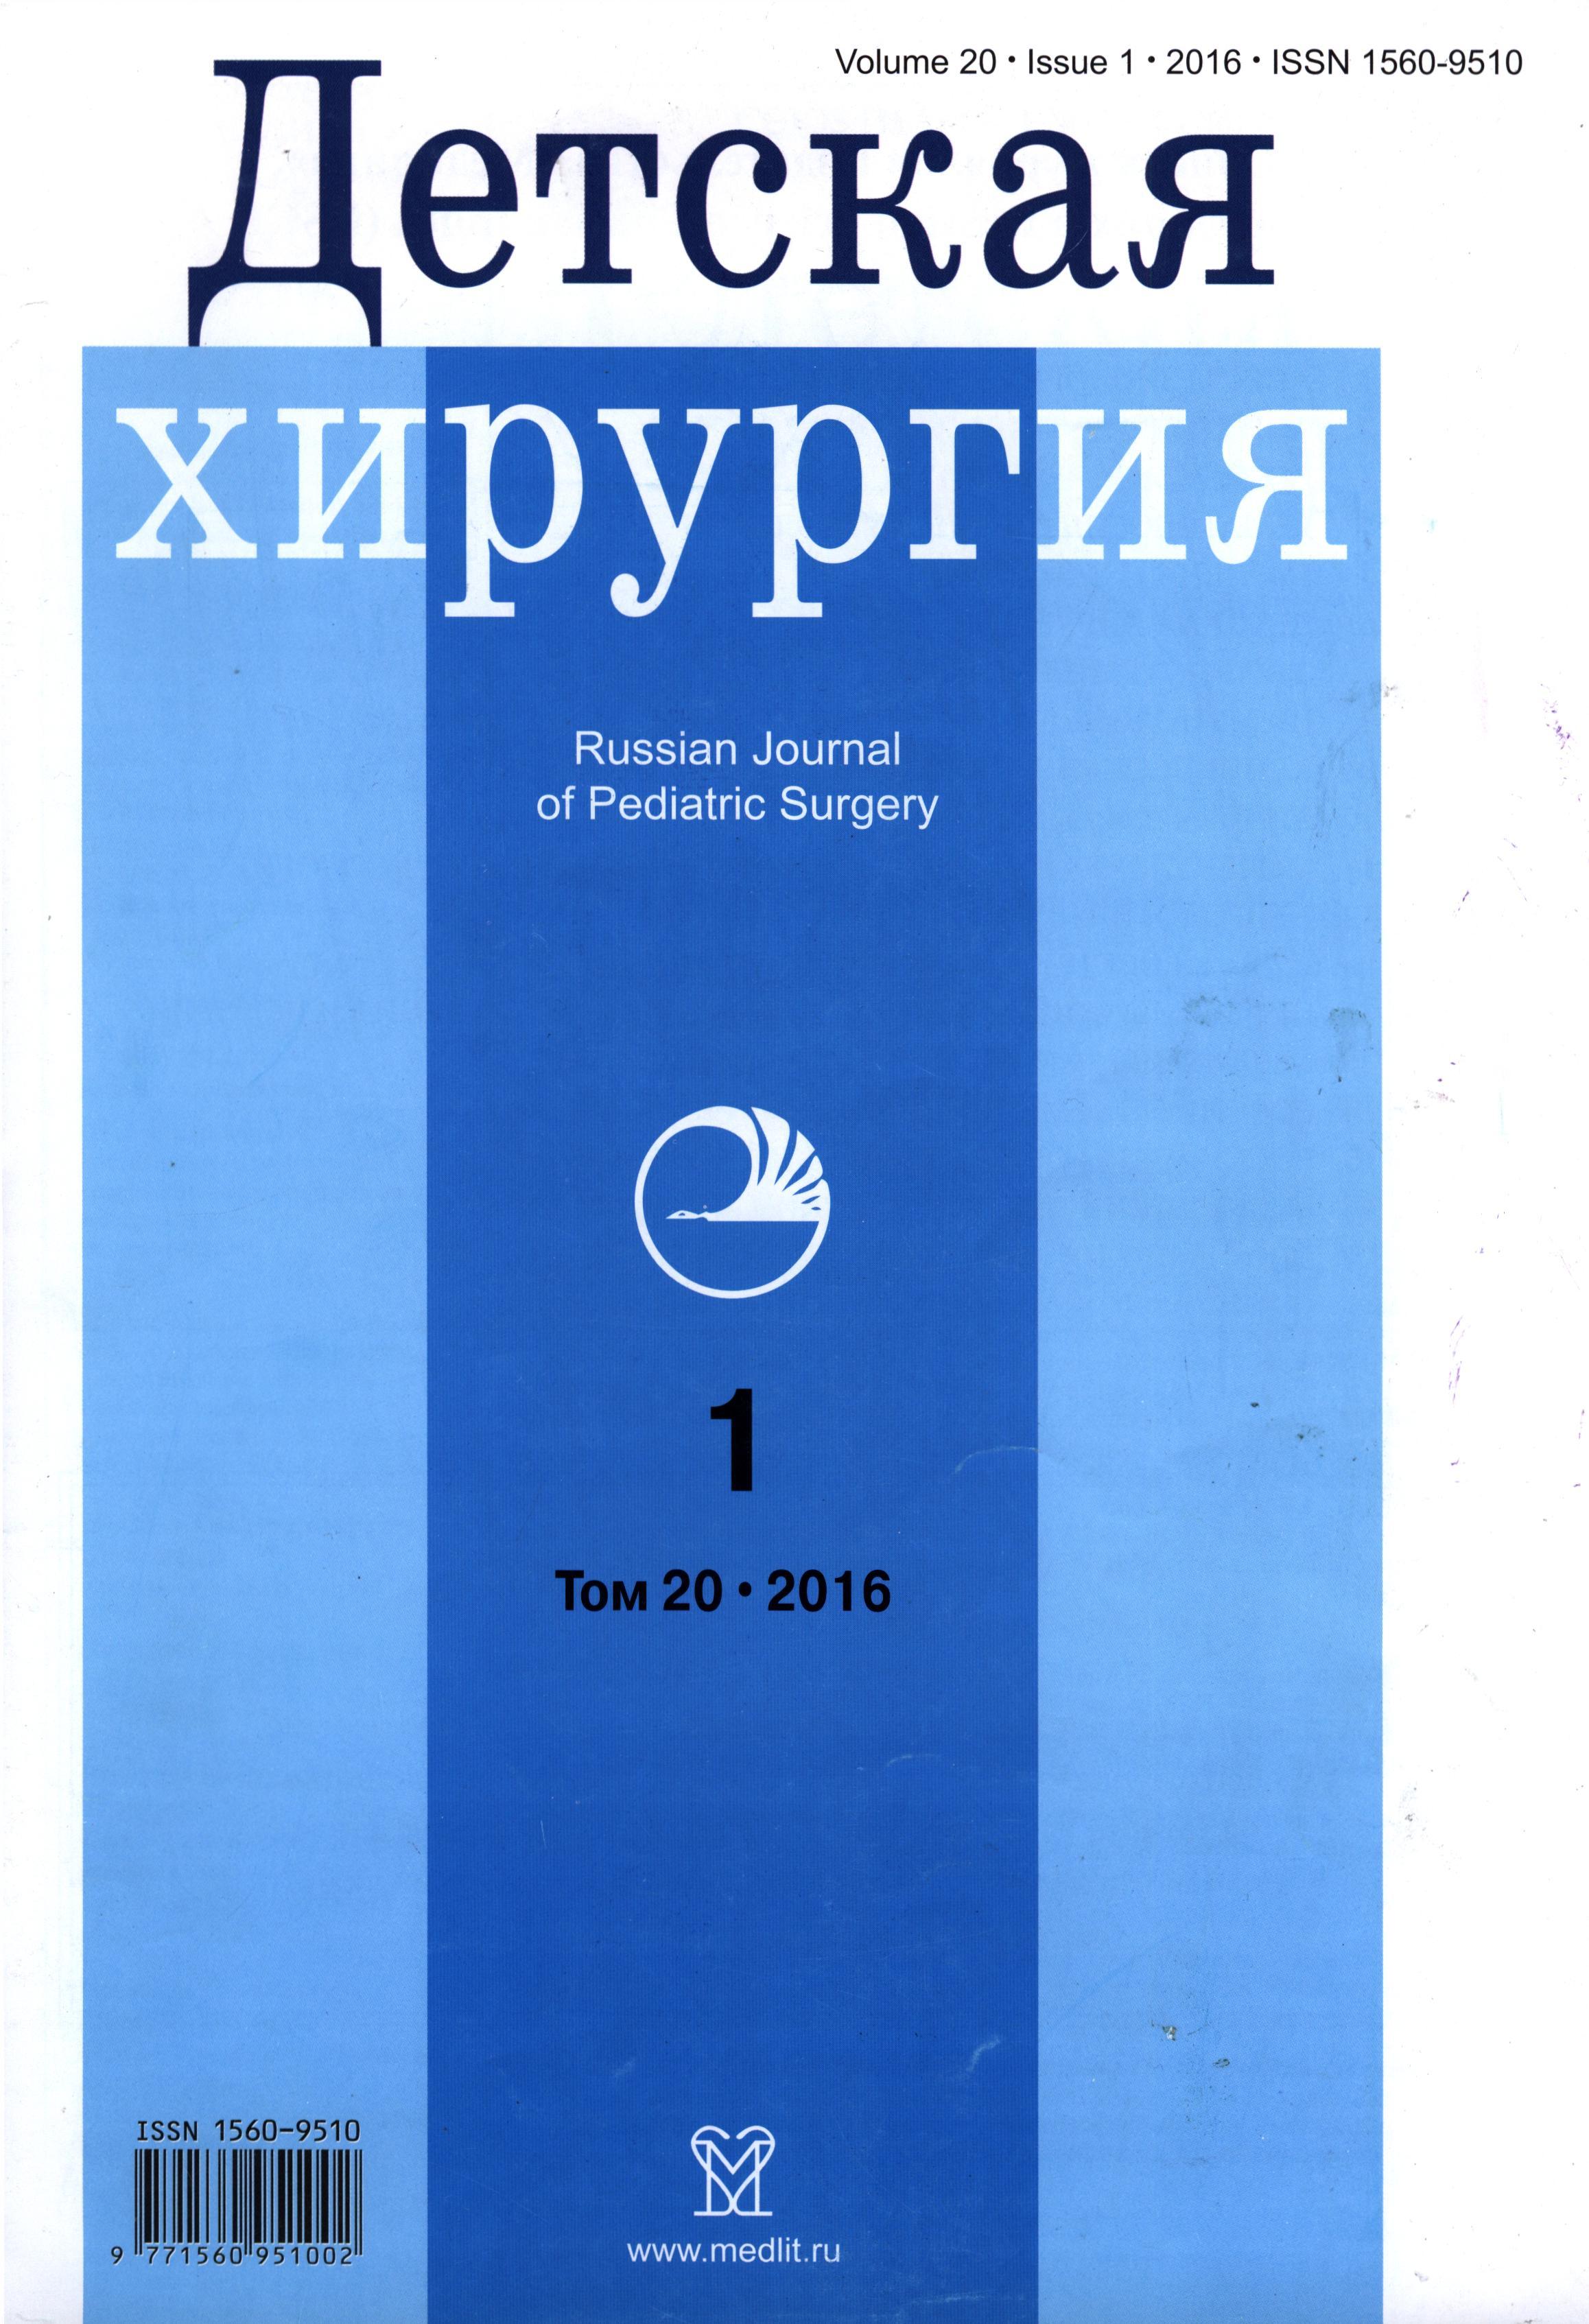 Журналы  выпускаемых в Российской Федерации в котором рекомендуется публикация основных результатов диссертаций на соискание ученой степени кандидата и доктора